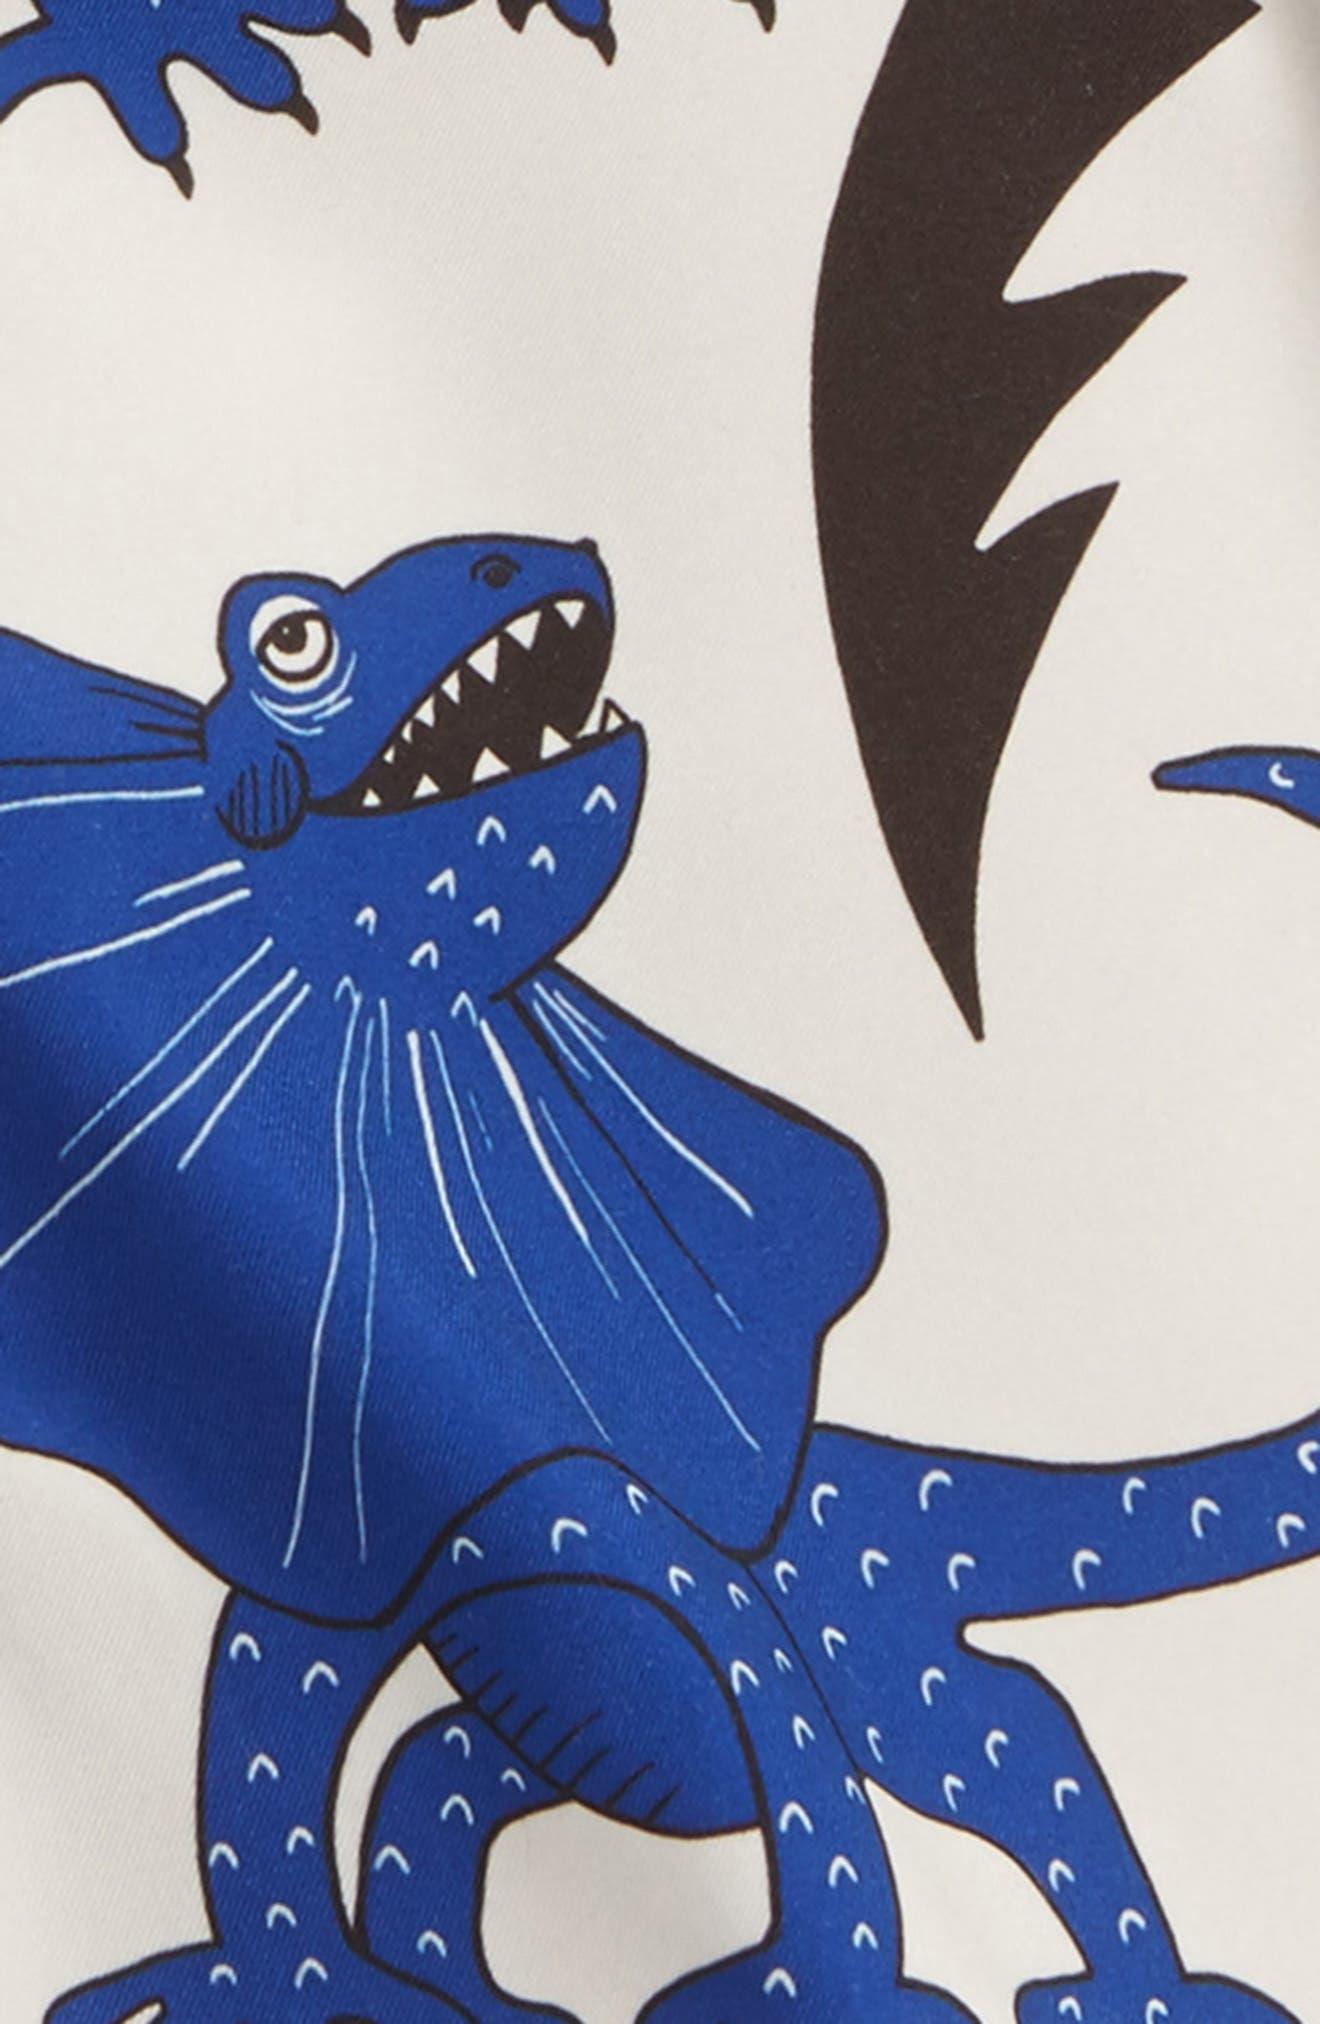 Draco Swim Trunks,                             Alternate thumbnail 3, color,                             Blue